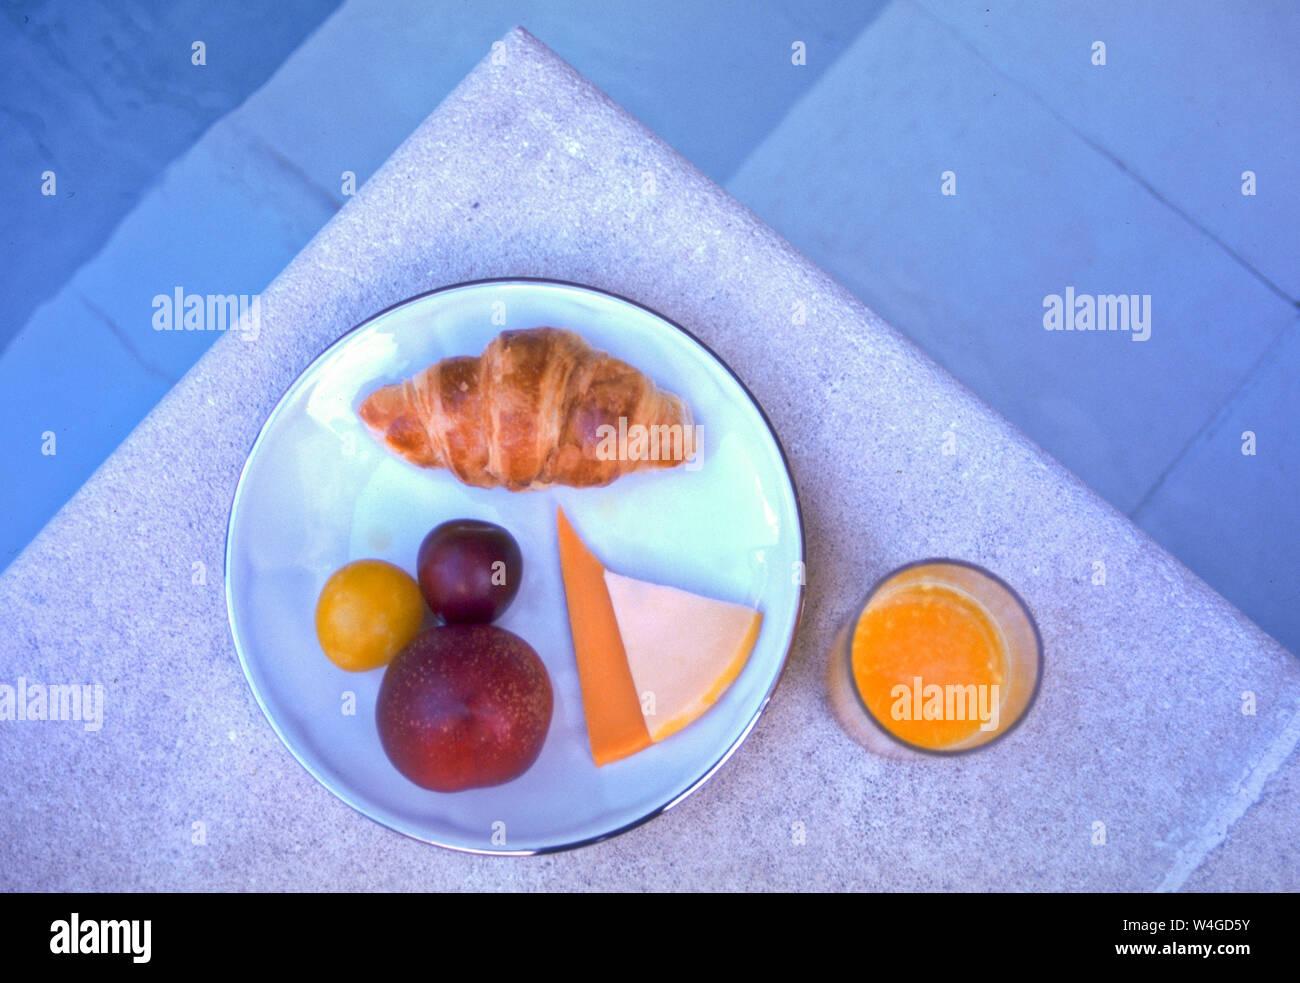 Los franceses mantienen su desayuno ligero. El pan, un alimento básico, jugo de naranja, frutas y quesos ocasionales son algunas de las opciones. Foto de stock